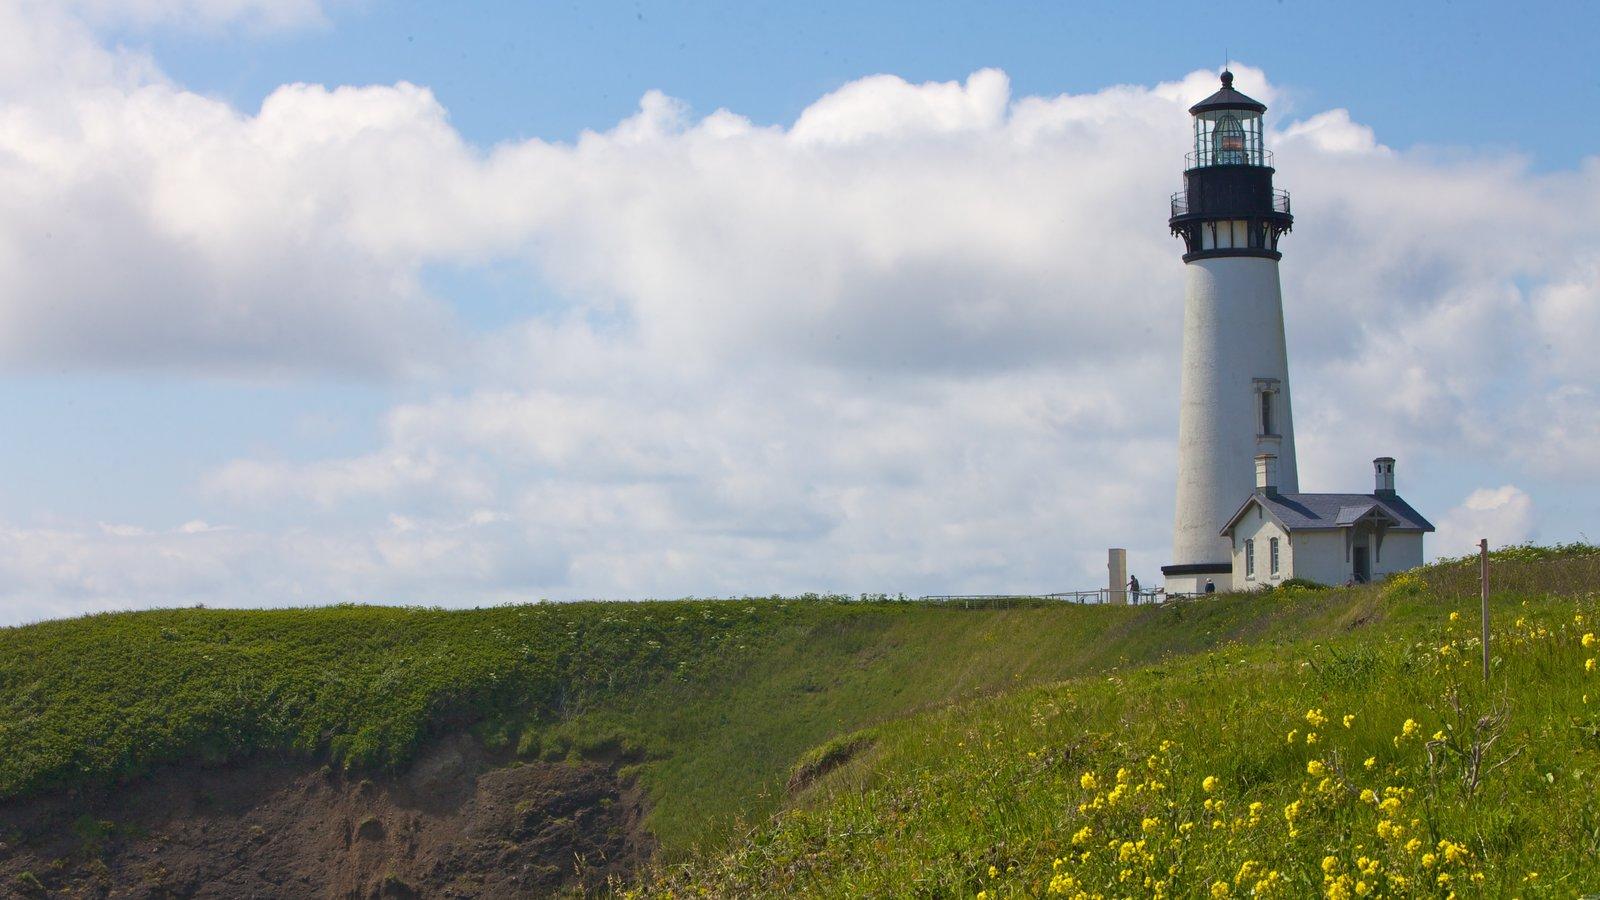 Faro Yaquina Head ofreciendo un faro, vistas de paisajes y patrimonio de arquitectura